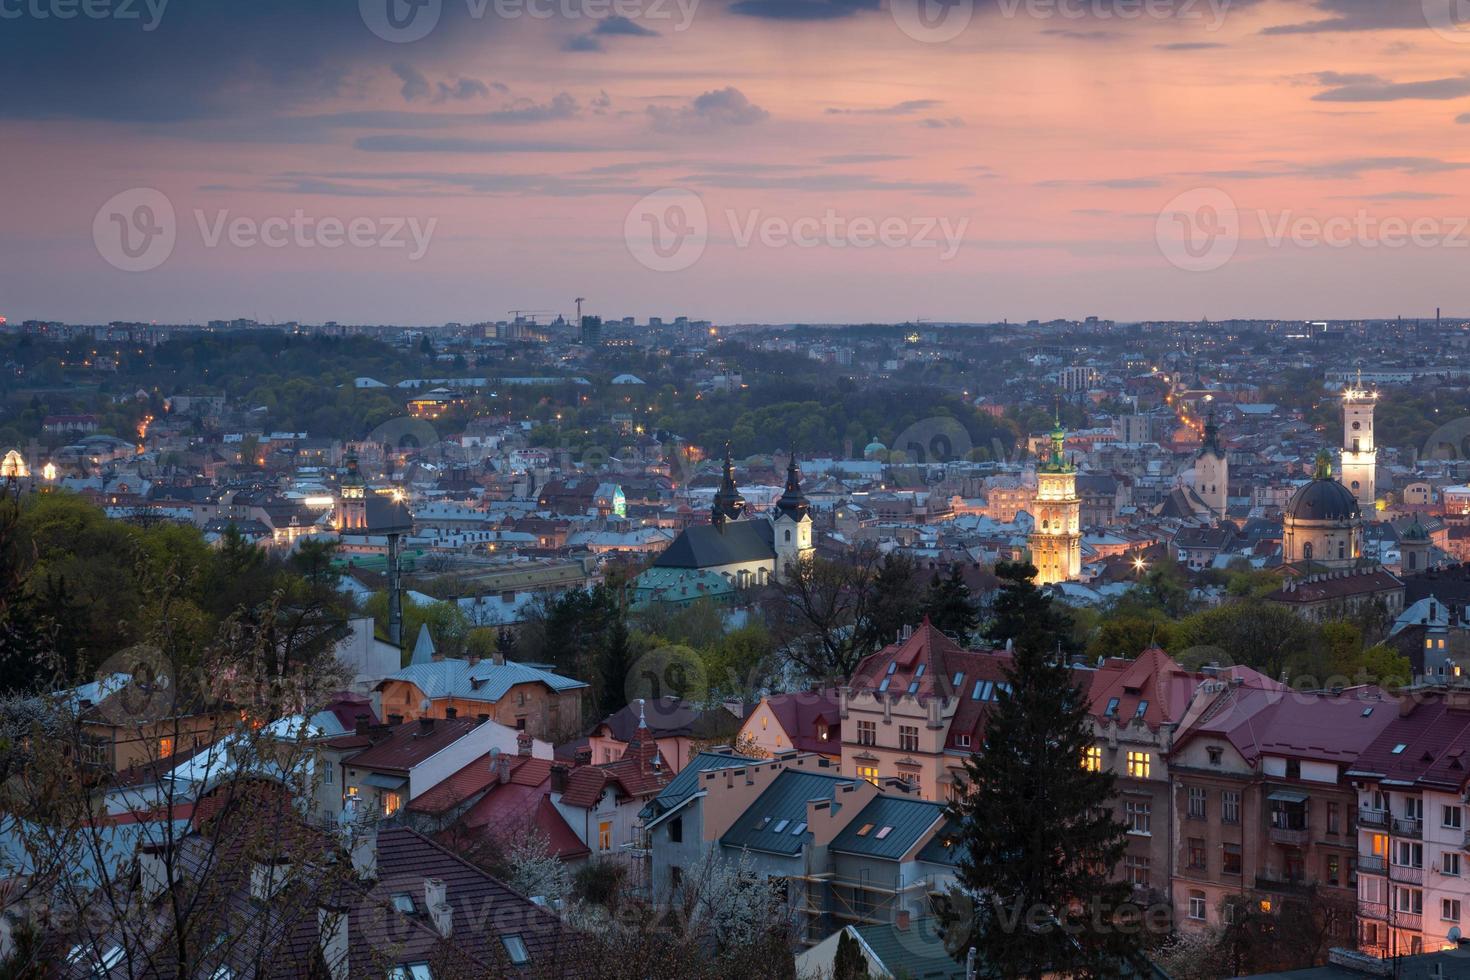 panoramisch luchtfoto van de oude stad bij zonsondergang. lviv, oekraïne foto